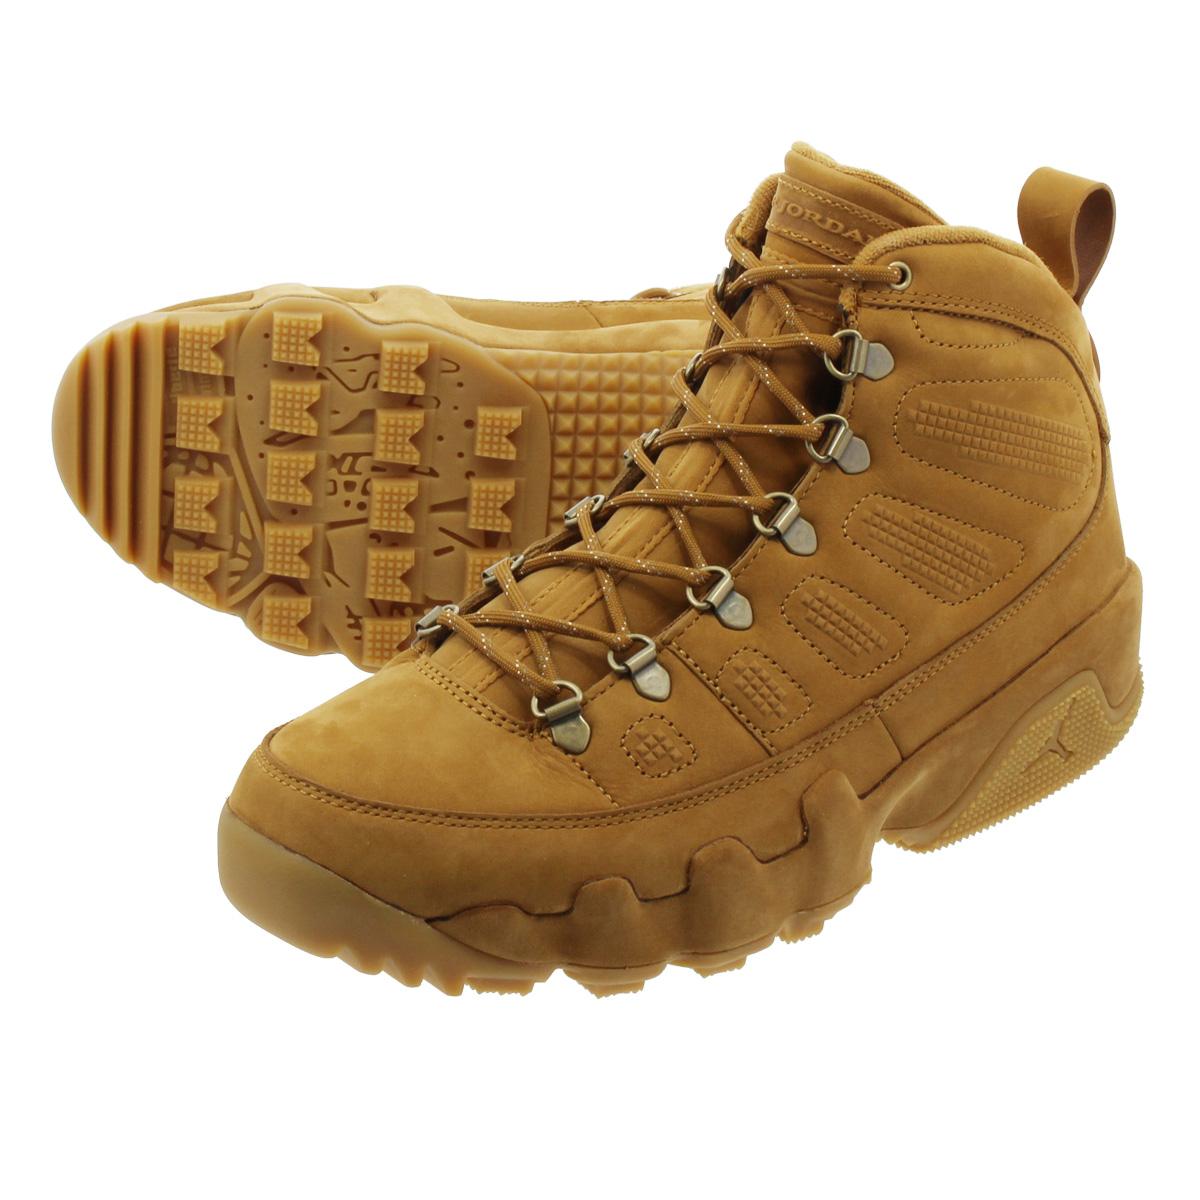 sneakers for cheap 3dbda 57f38 NIKE AIR JORDAN 9 RETRO NRG Nike air Jordan 9 nostalgic NRG WHEAT WHEAT BAROQUE  BROWN ar4491-700